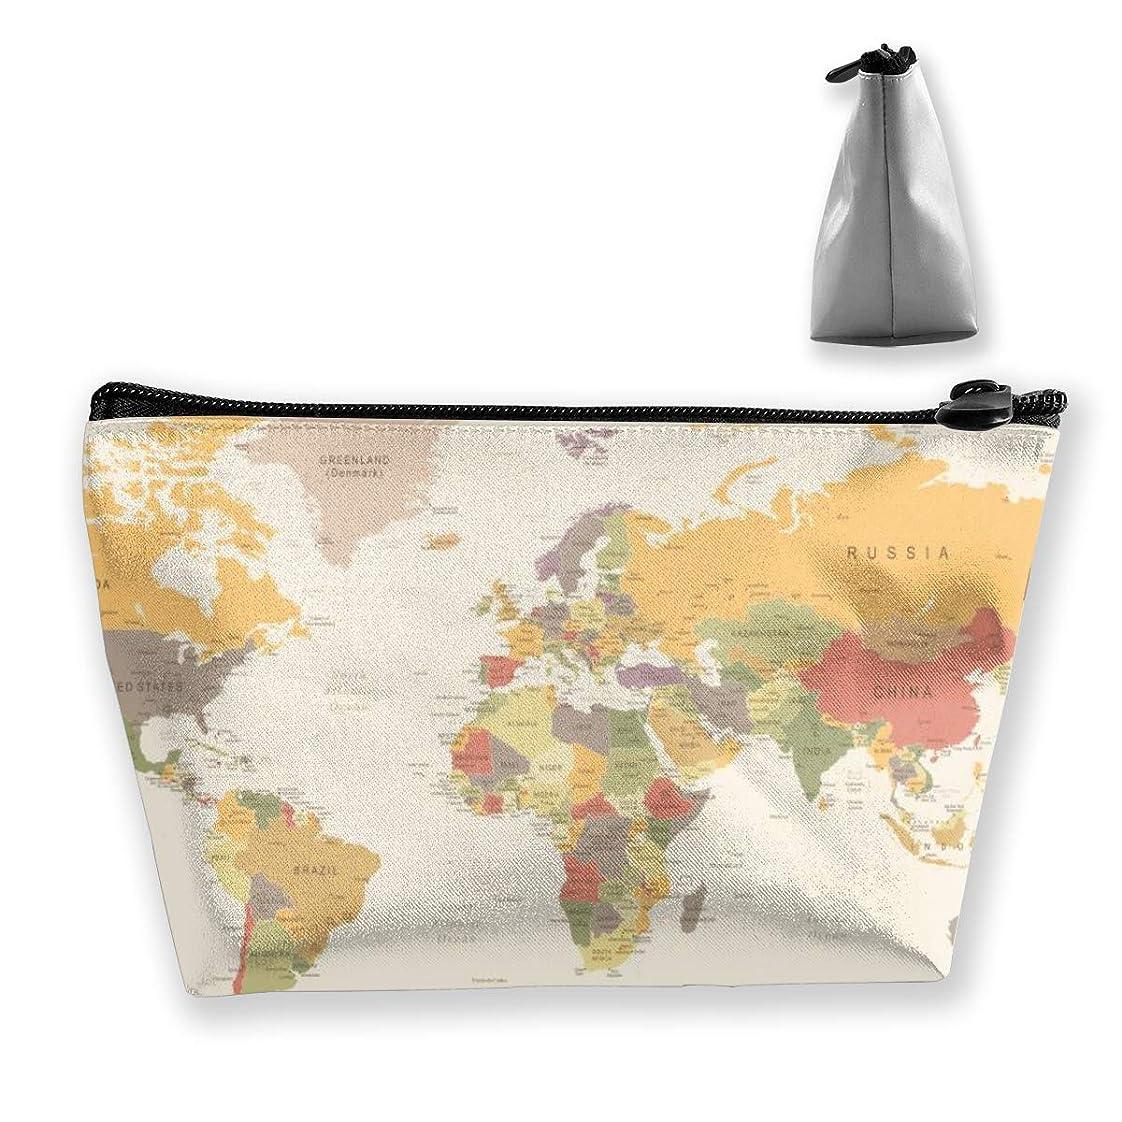 フィットネス眉をひそめる空虚Joycego レトロ ワールドマップ 化粧品袋の携帯用旅行構造の袋の洗面用品の主催者